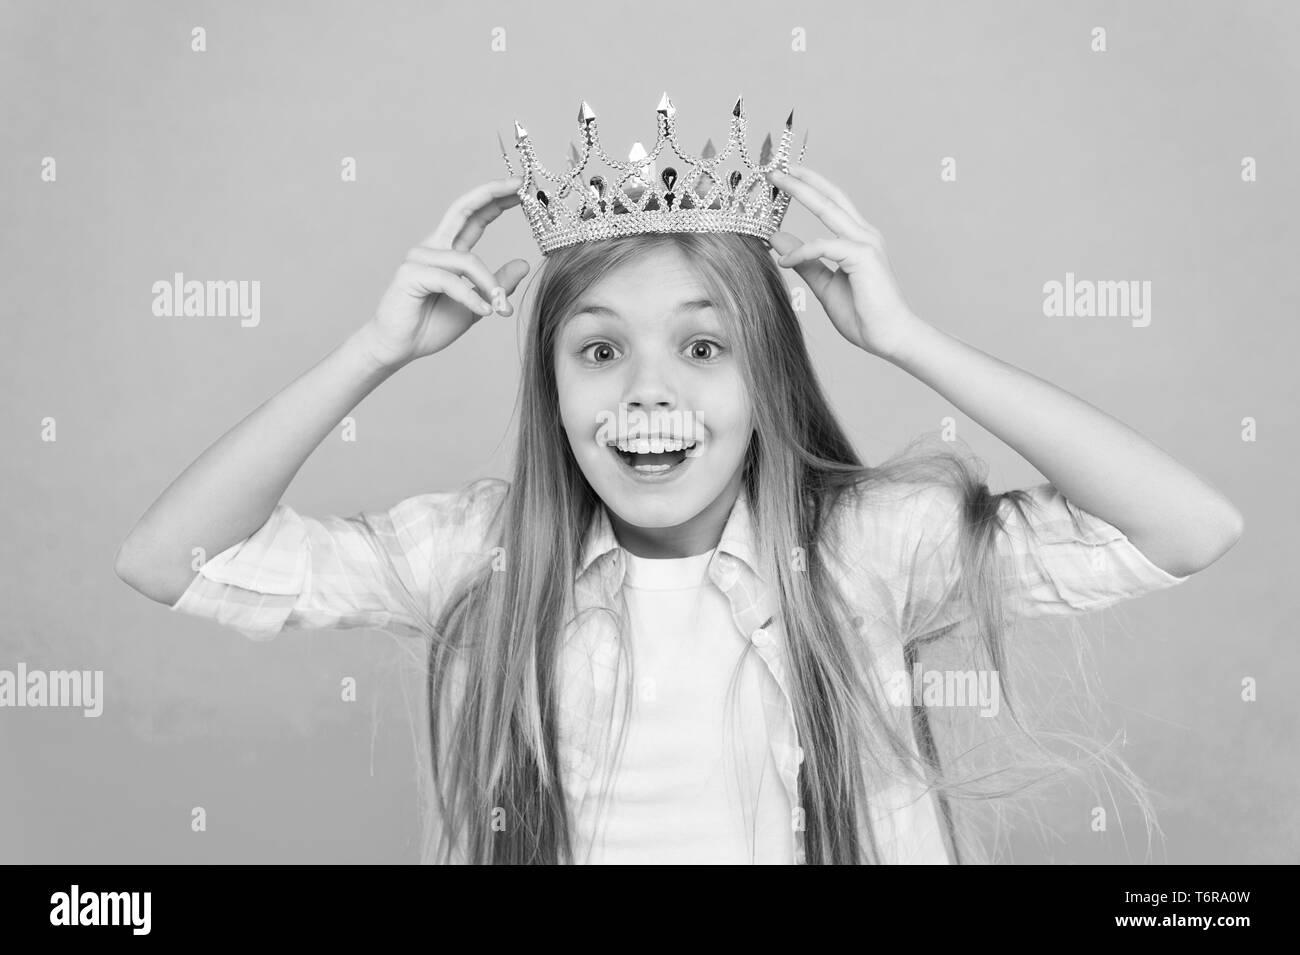 C'est un grand honneur pour moi. Miss petite princesse. Fille d'usure de fond bleu. Cute princess sincère émotion. Symbole de la couronne d'or d'usure pour enfants princesse. Toutes les filles rêvent de devenir princesse. Banque D'Images